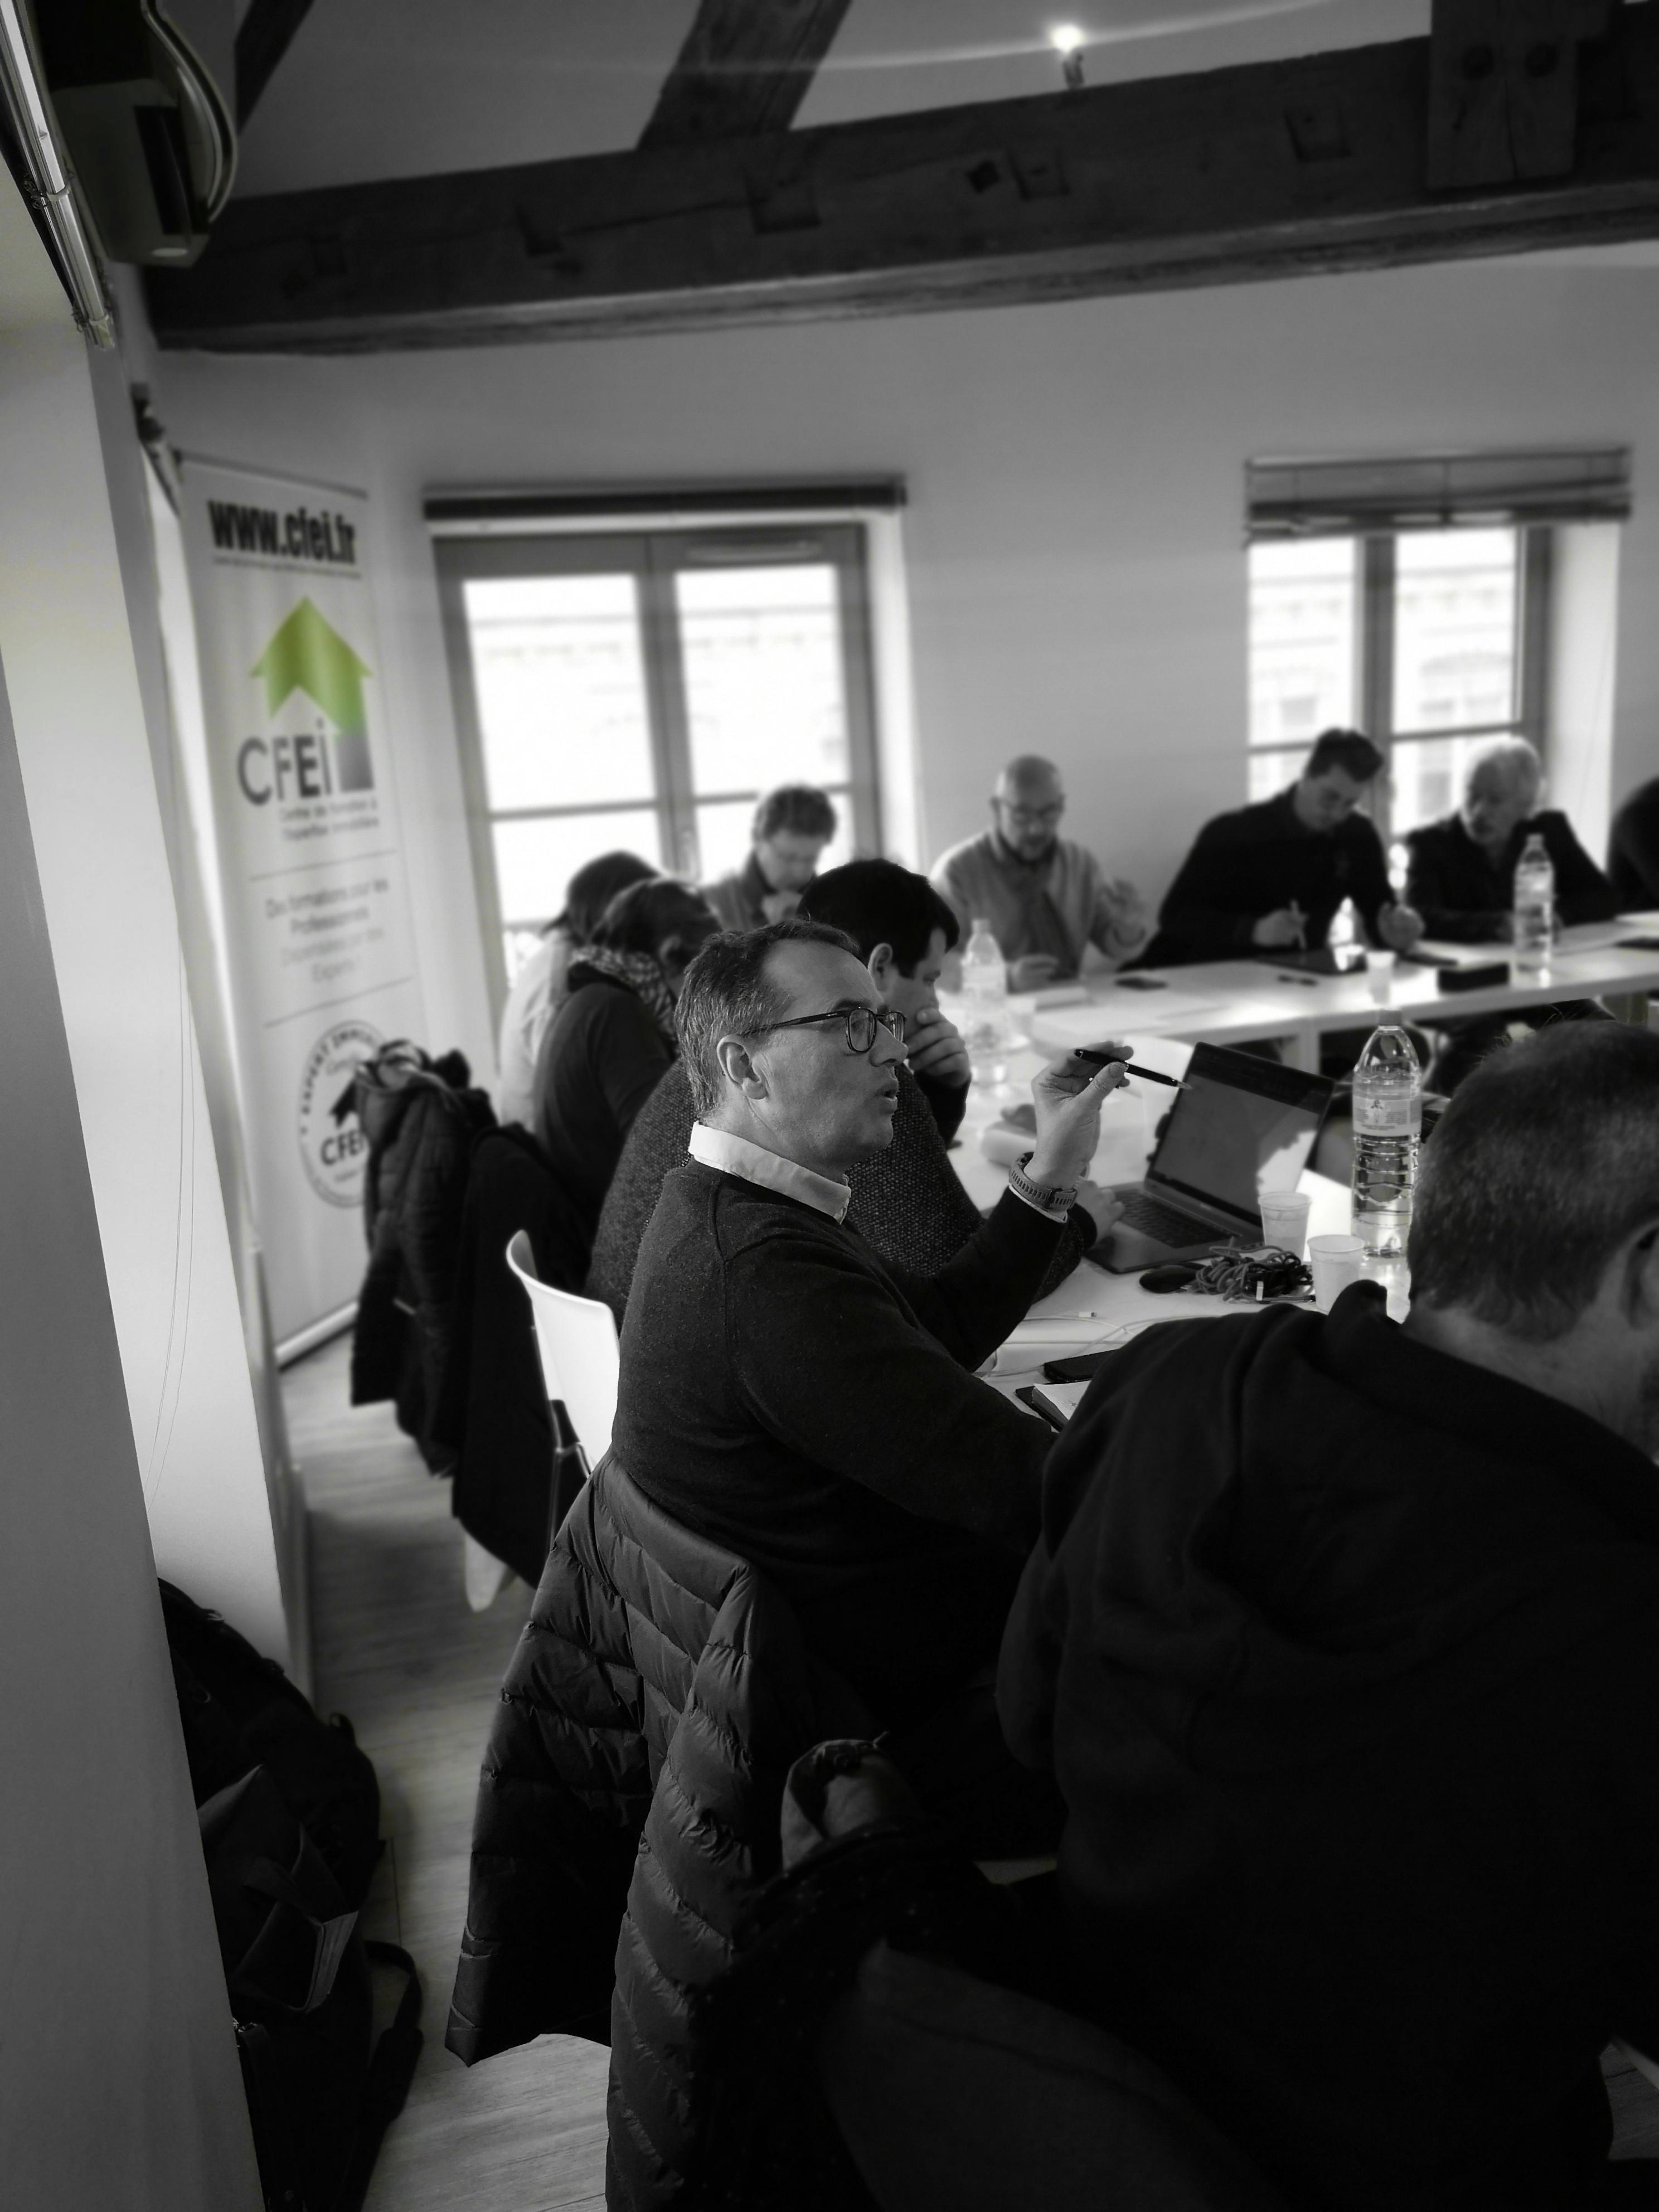 Le centre de formation à l'expertise immobilière : leader de la formation aux méthodes d'évaluation des biens immobiliers et fonciers en valeurs vénale et locative